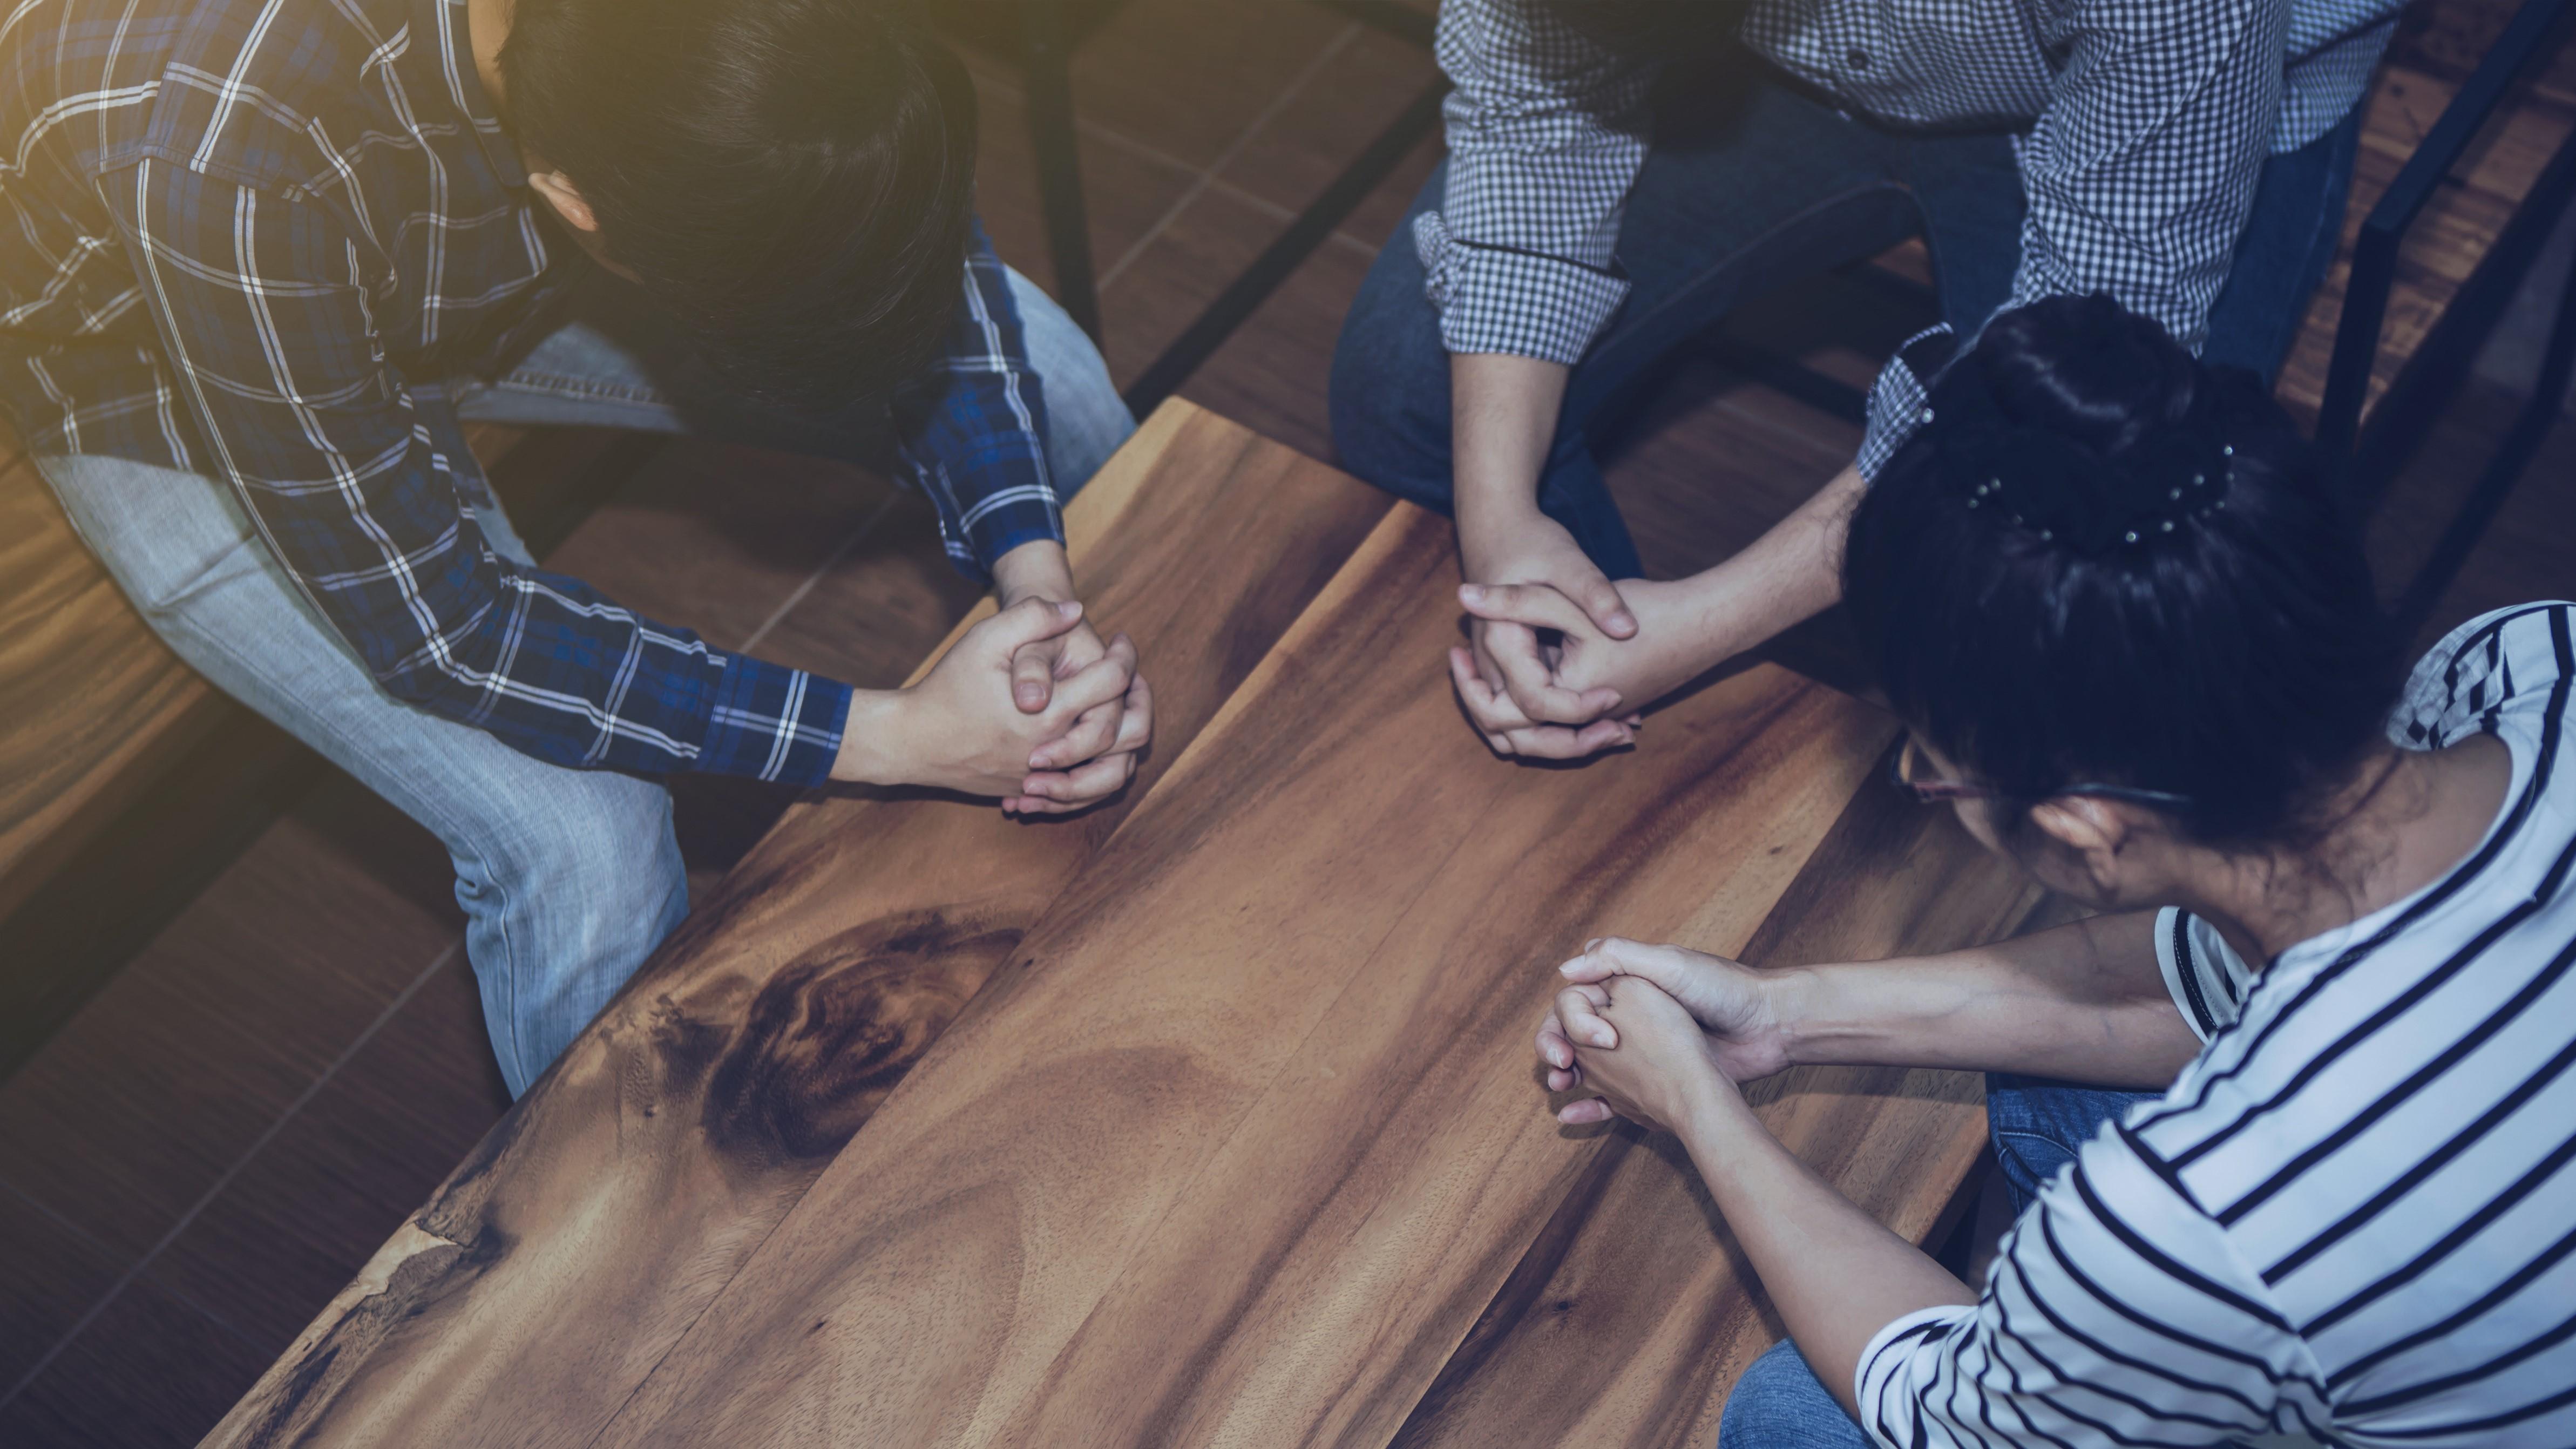 La iglesia provee una conexión para que experimentemos y compartamos amor